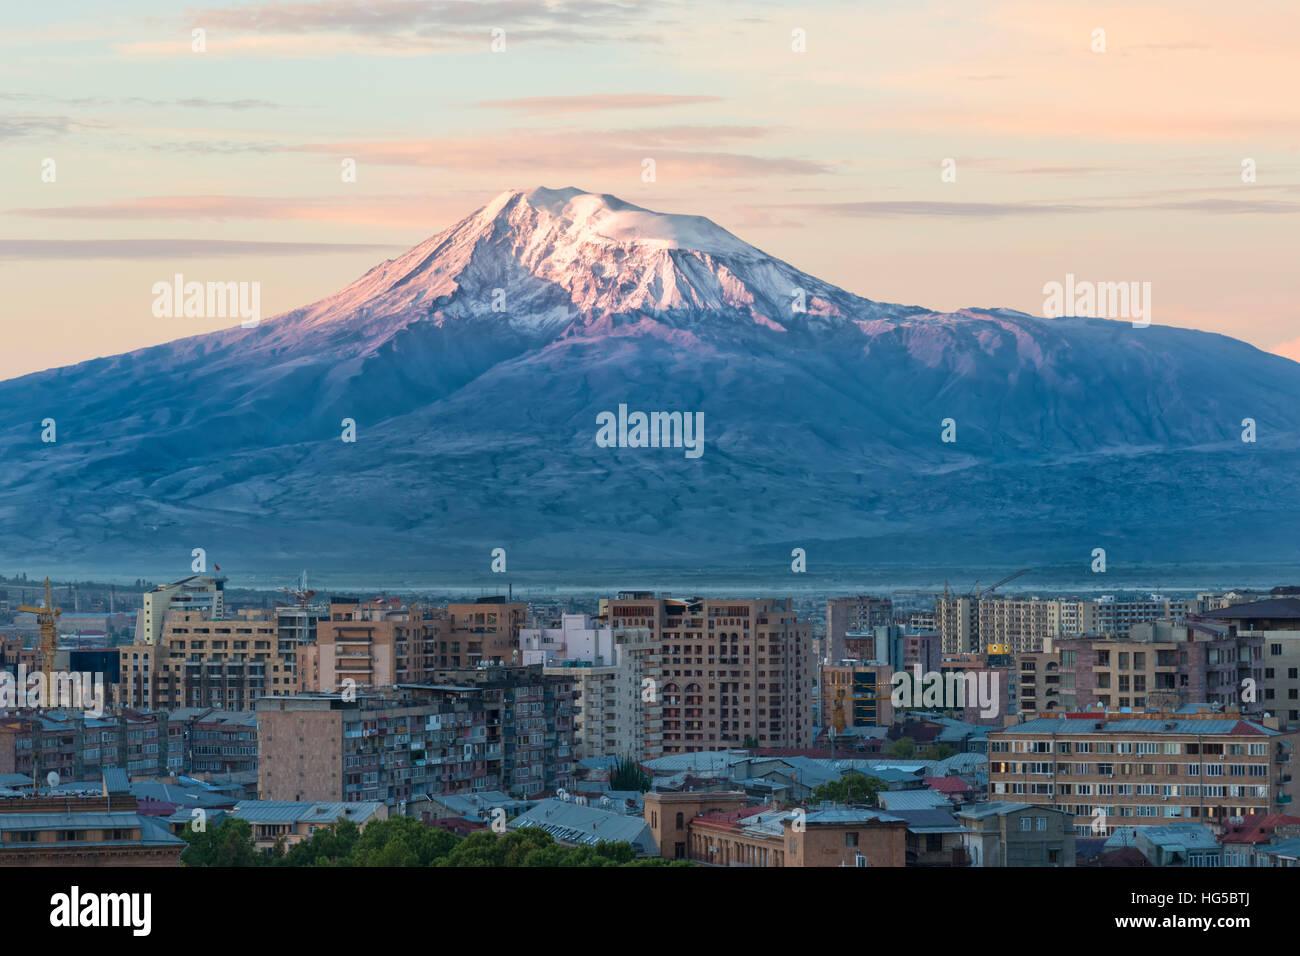 Berg Ararat und Eriwan angesehen von Cascade bei Sonnenaufgang, Eriwan, Armenien, Cemtral Asien, Asien Stockbild